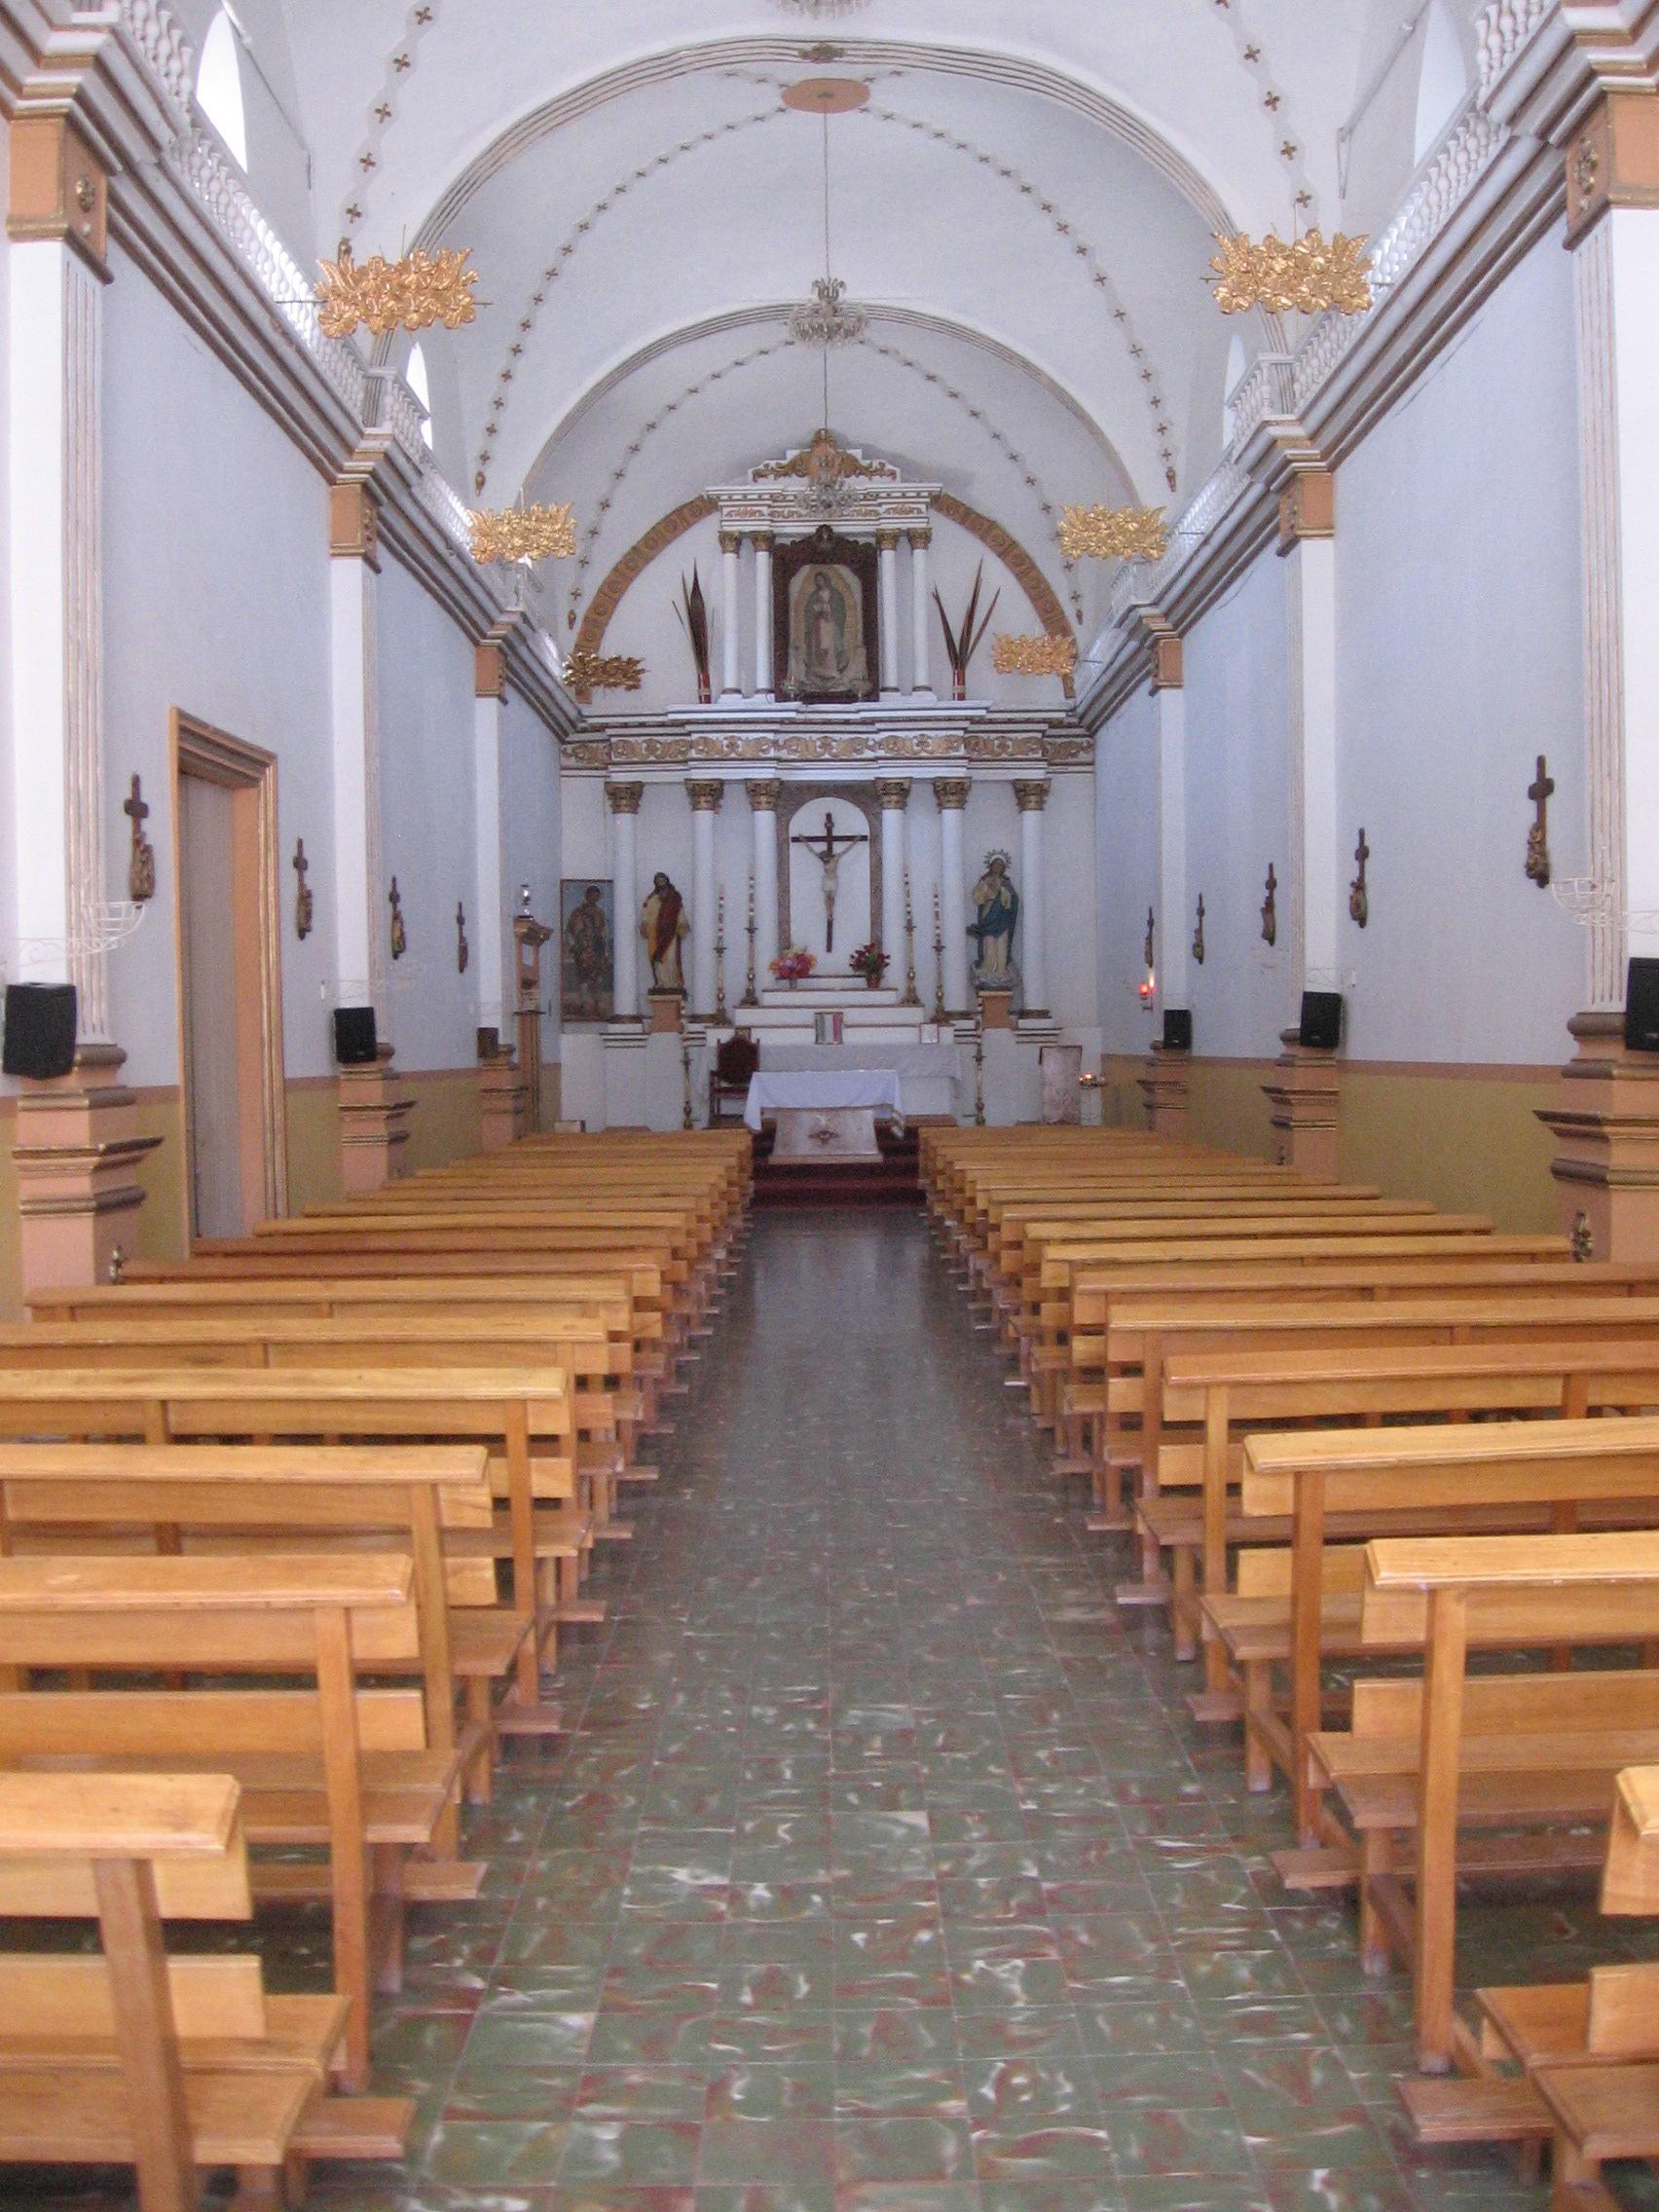 Filesan Gabriel Jalisco Interior Del Santuario De La Virgen De